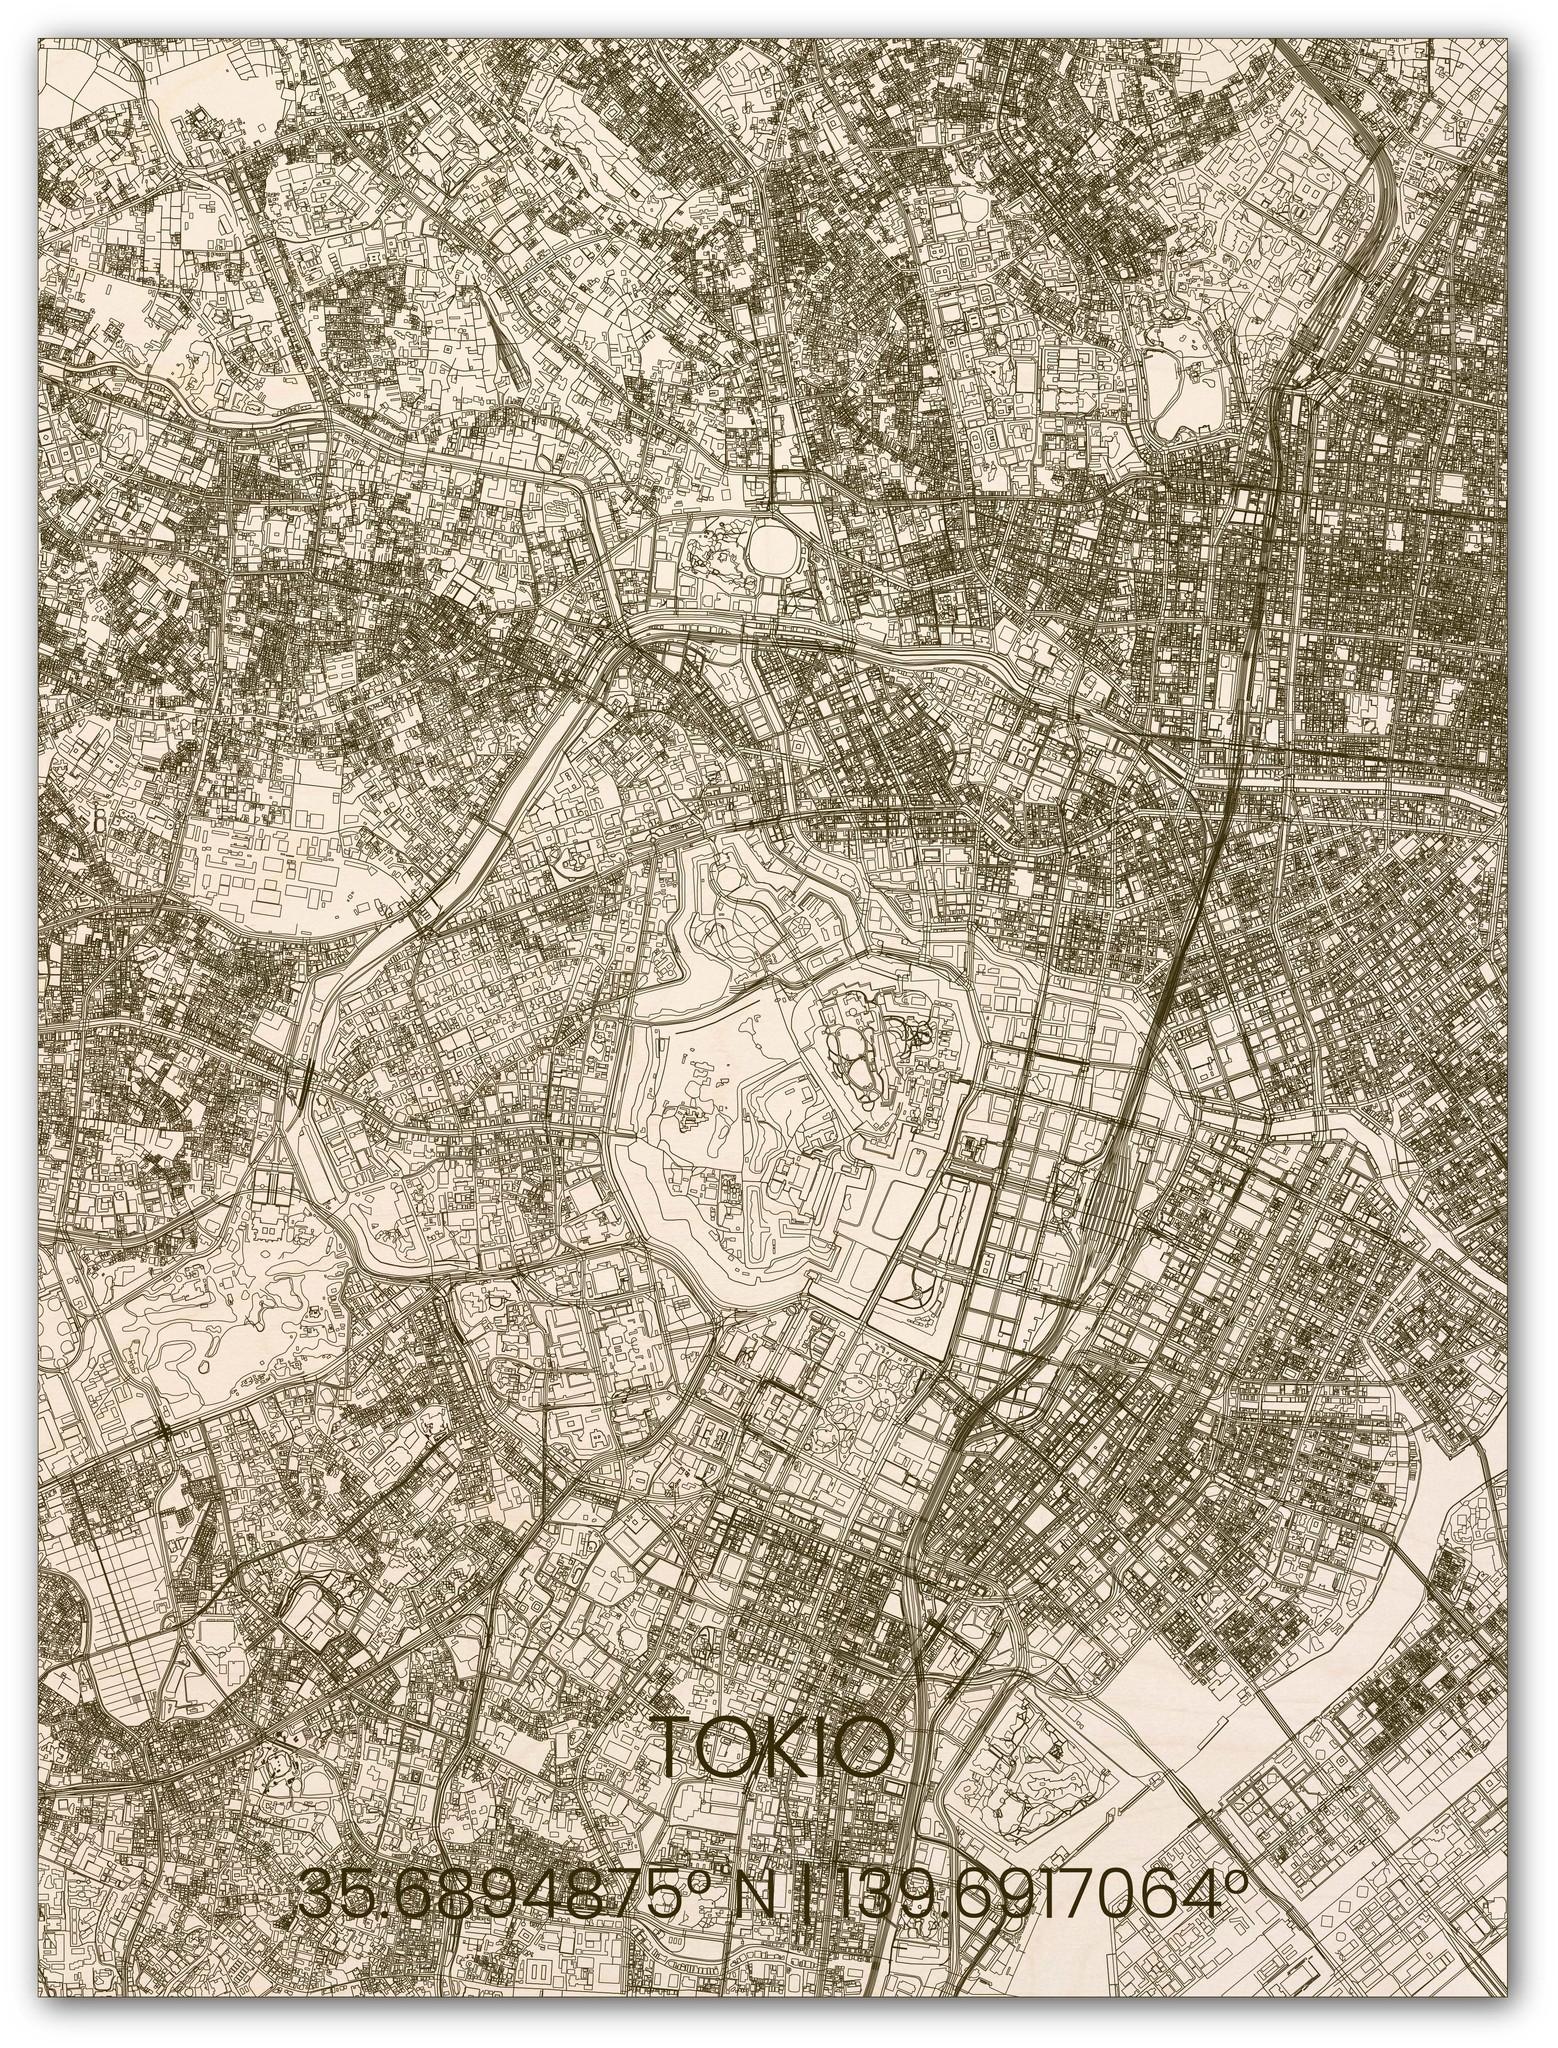 Houten stadsplattegrond Tokio-1